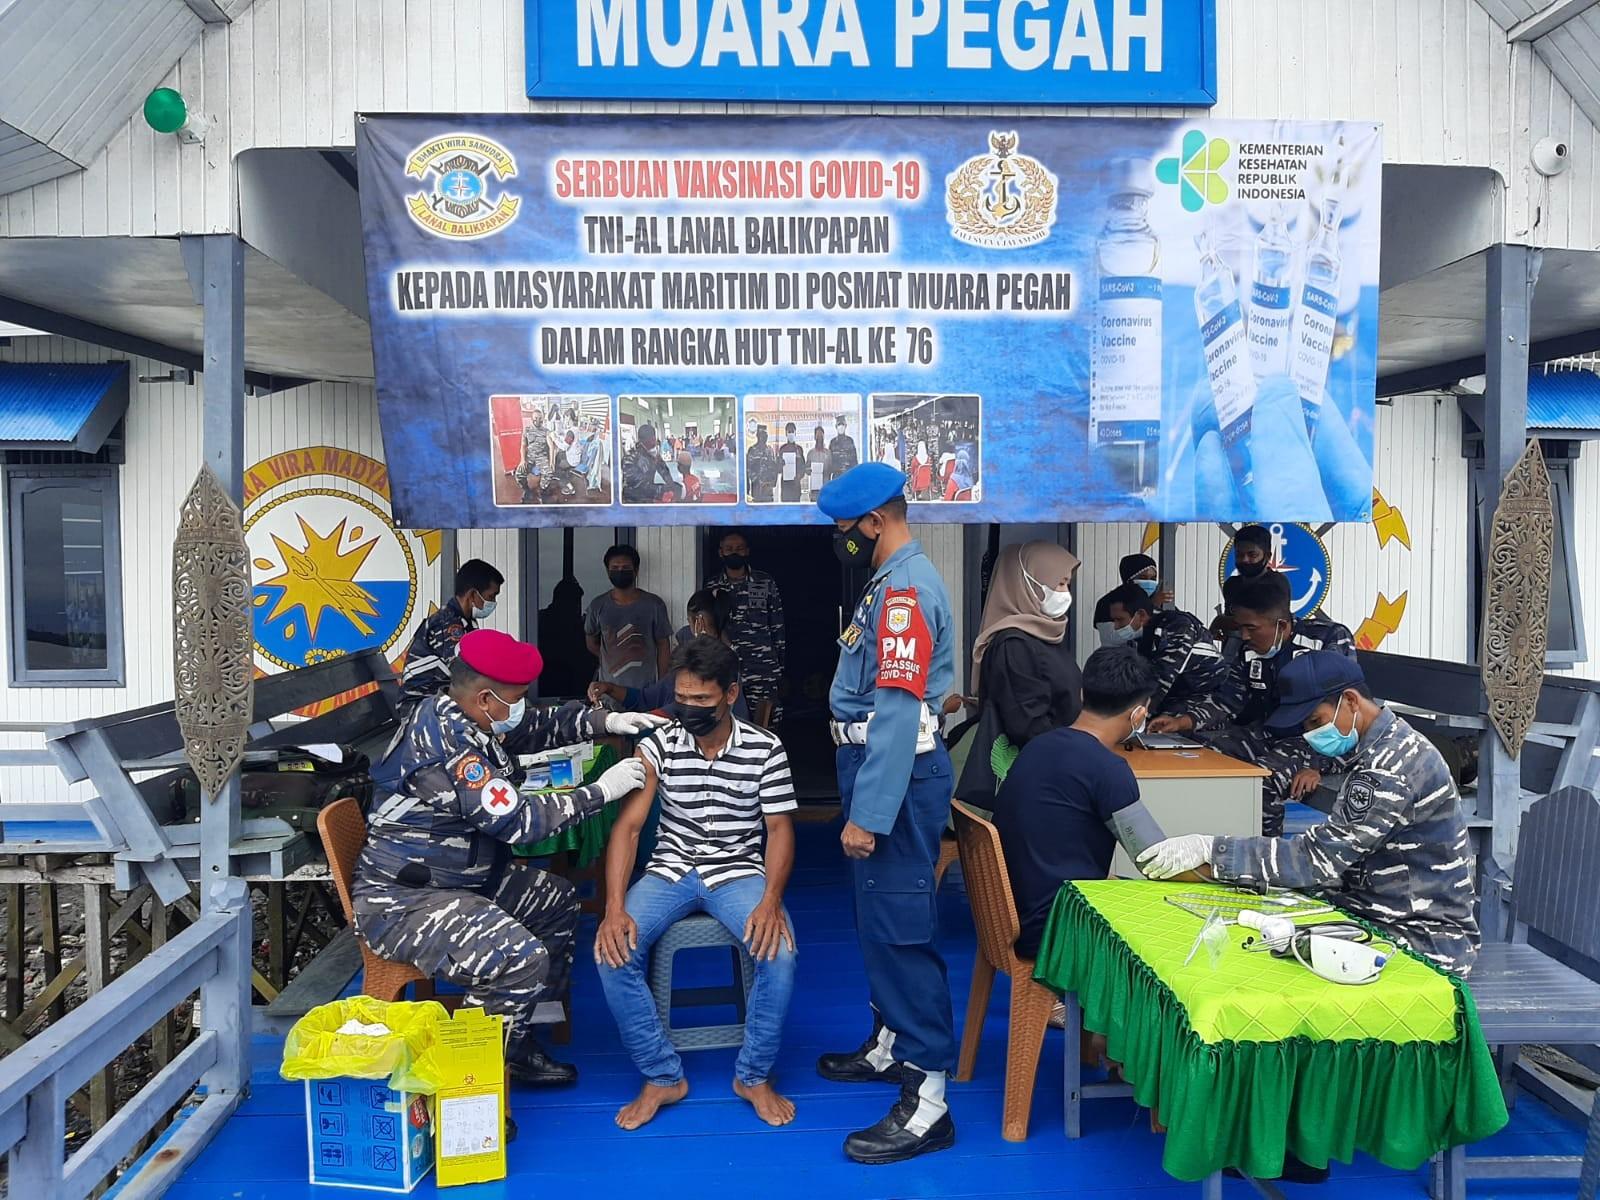 Pangkalan TNI AL Balikpapan Serbu Muara Jawa dan Batu Ampar dengan Vaksin